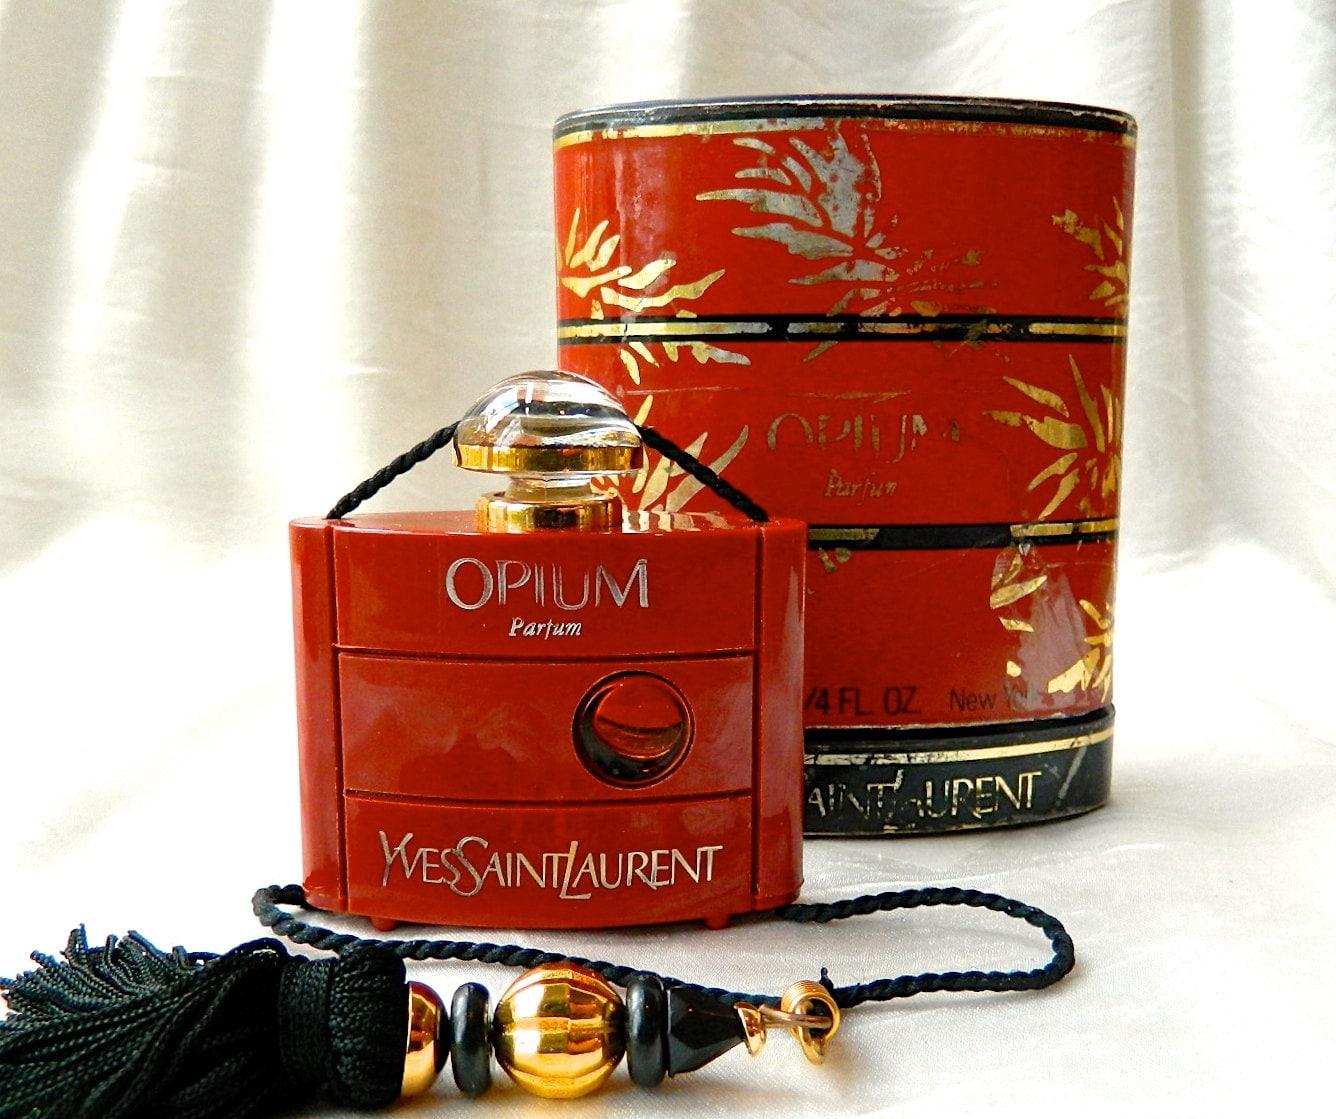 Vintage Opium Perfume By Yves Saint Laurent 7 5 Ml 26 Oz